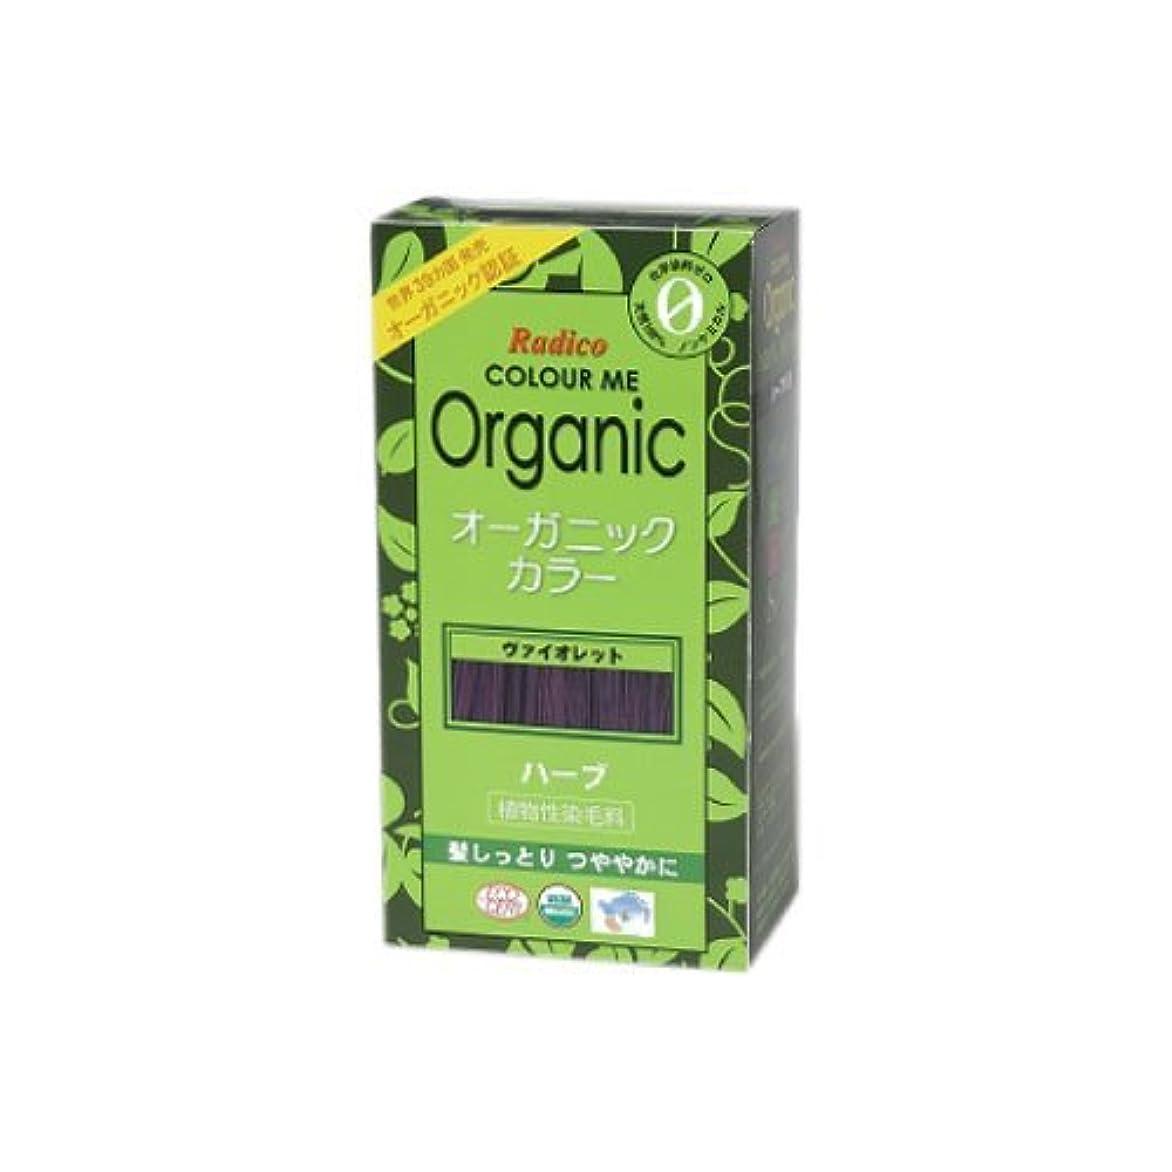 地下室テラス中断COLOURME Organic (カラーミーオーガニック ヘナ 白髪用 紫色) ヴァイオレット 100g